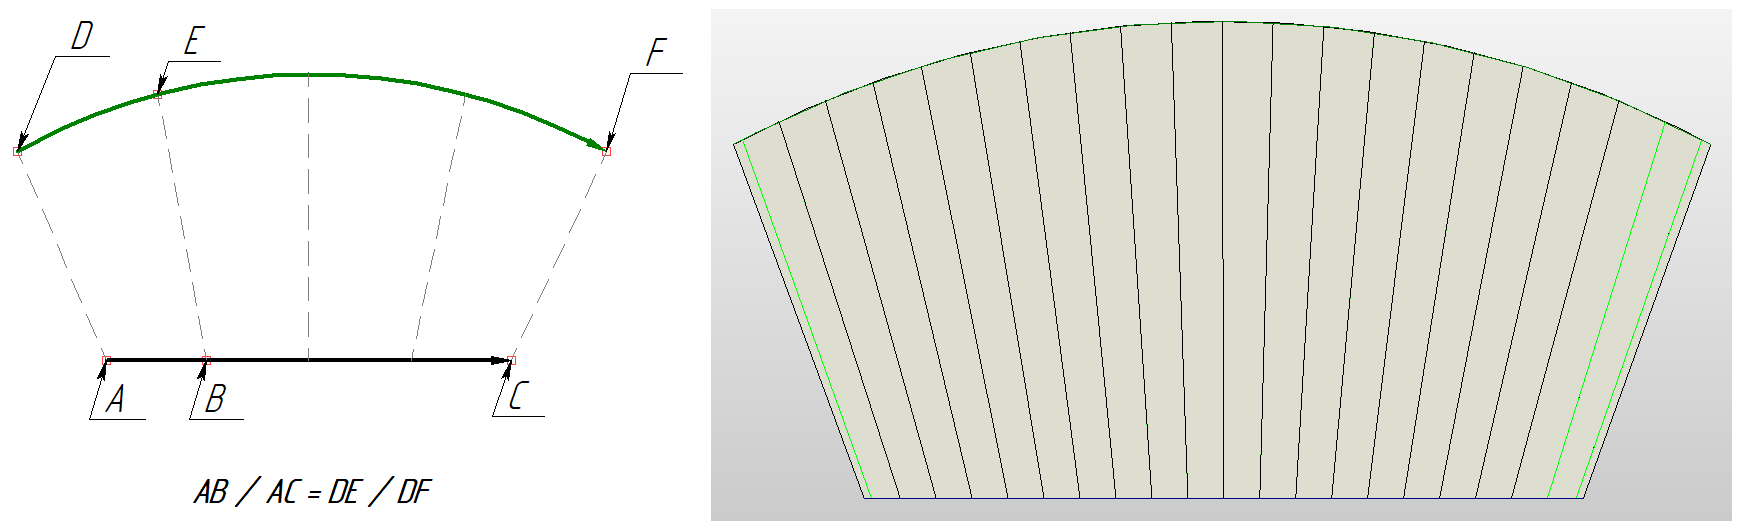 Рисунок 6. Распределение изопараметрических линий (тип выравнивания по длине дуги)